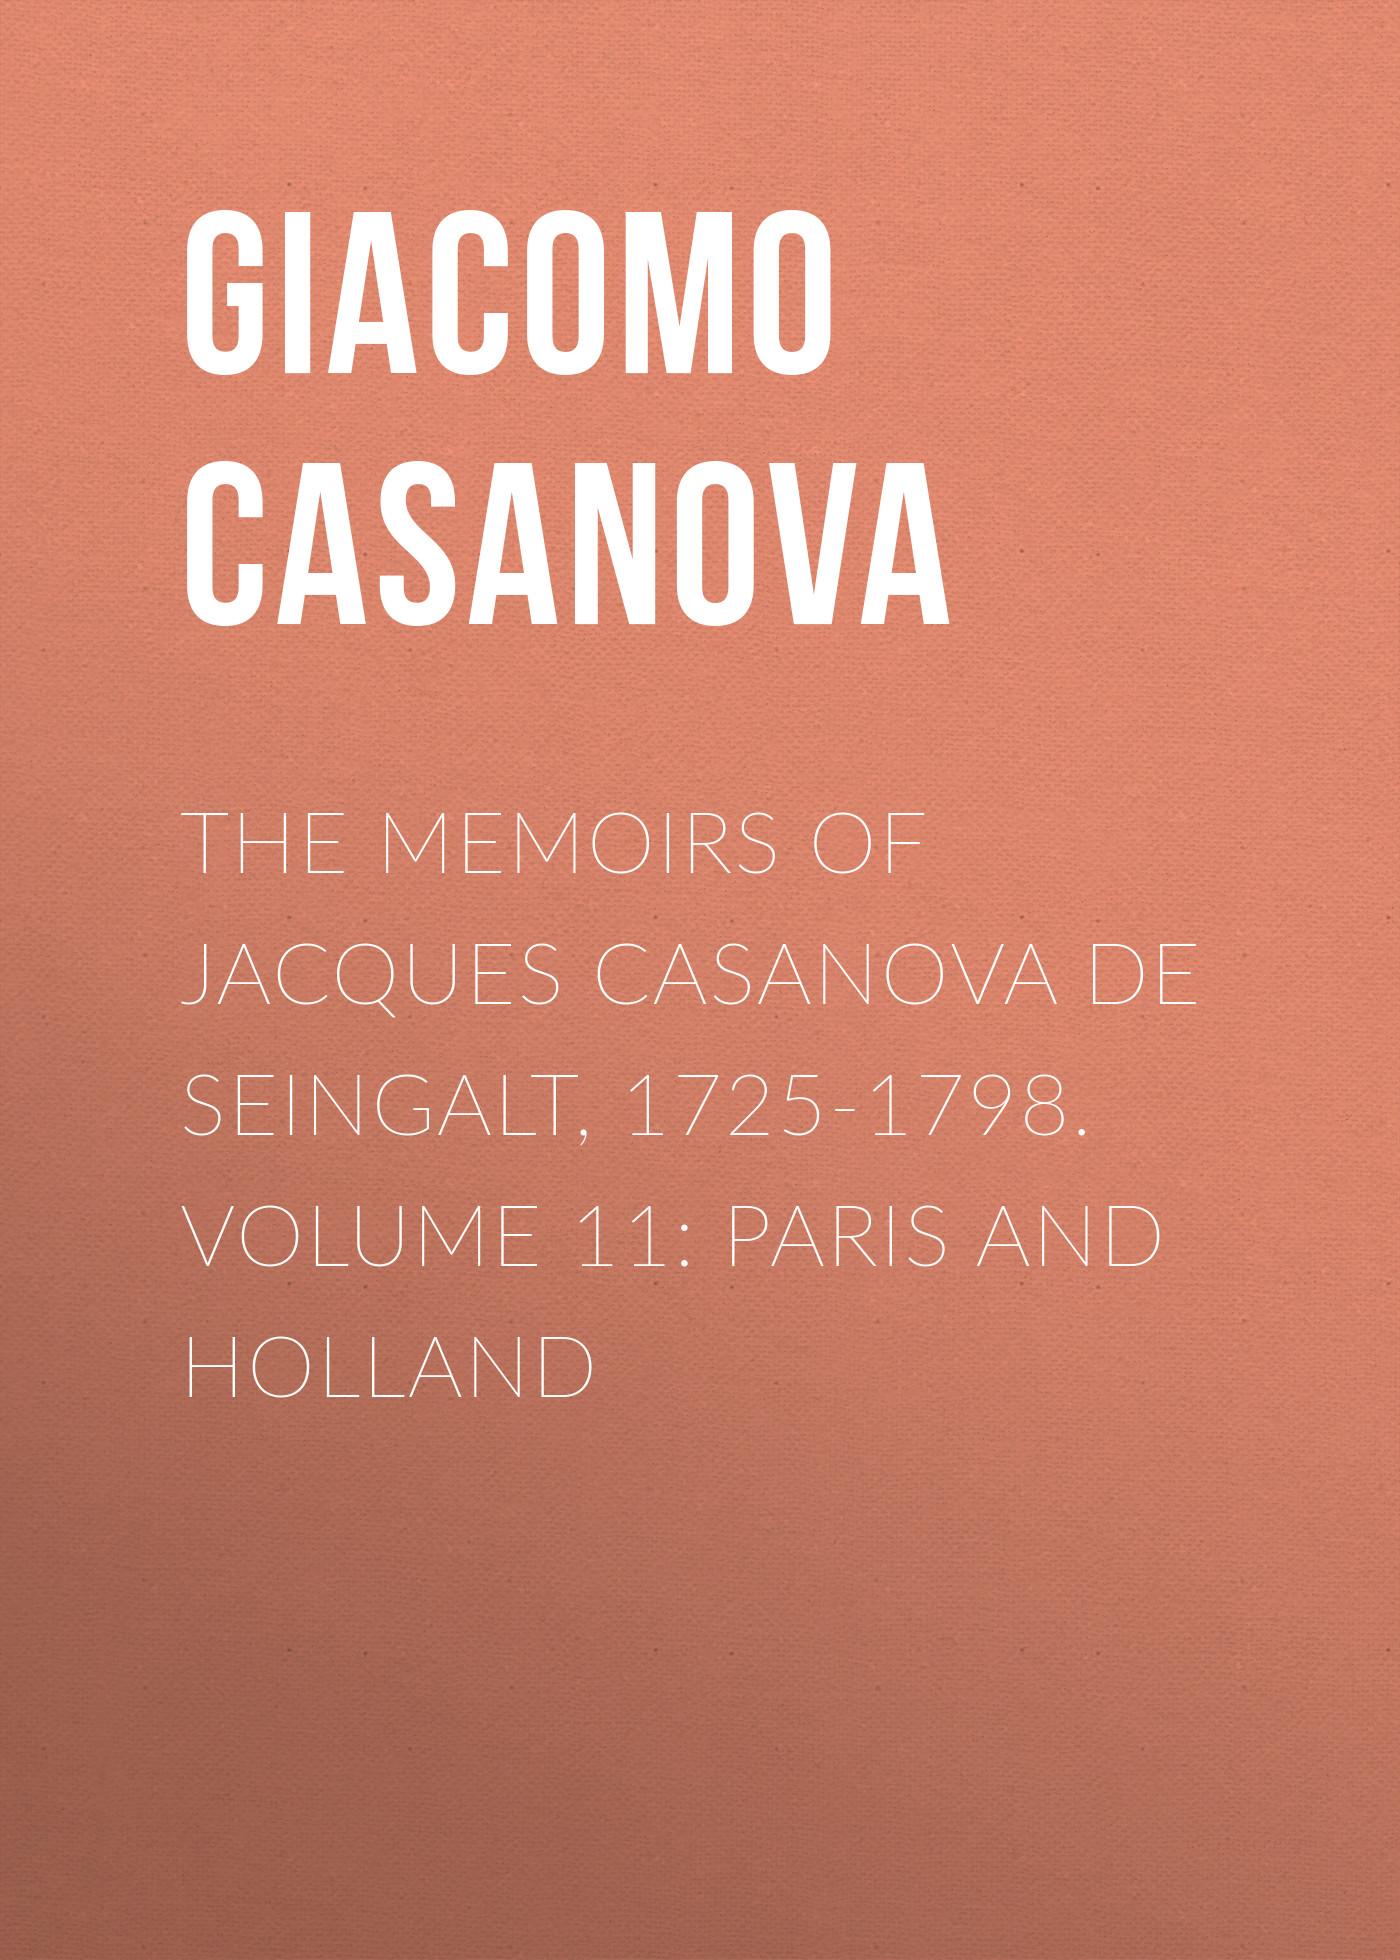 Giacomo Casanova The Memoirs of Jacques Casanova de Seingalt, 1725-1798. Volume 11: Paris and Holland